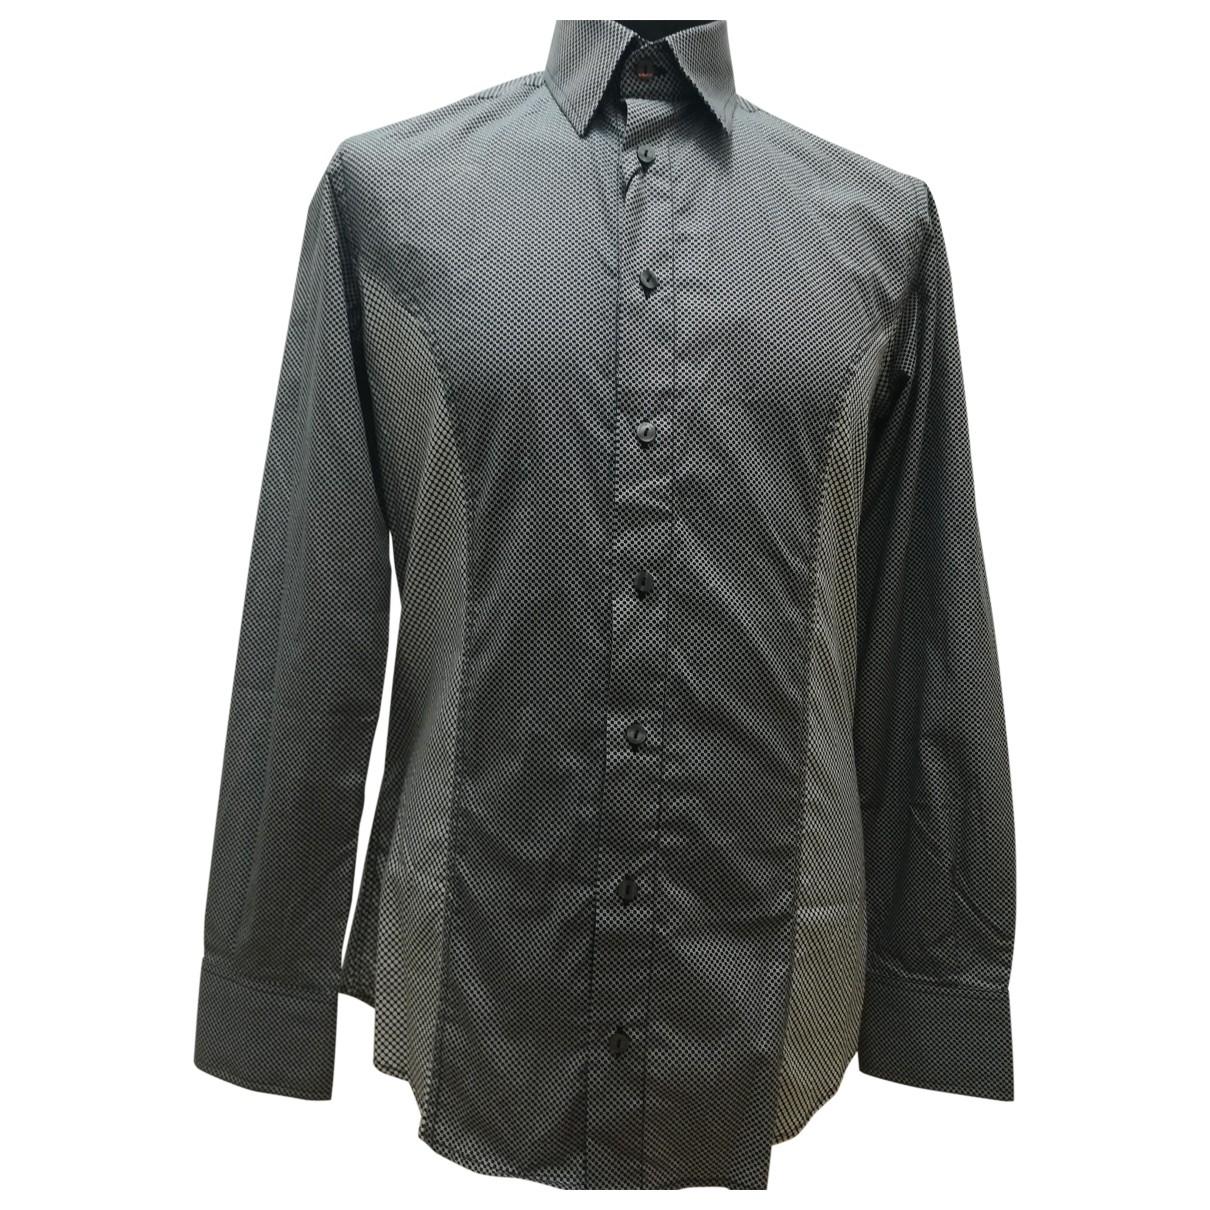 Karl \N Hemden in  Grau Baumwolle